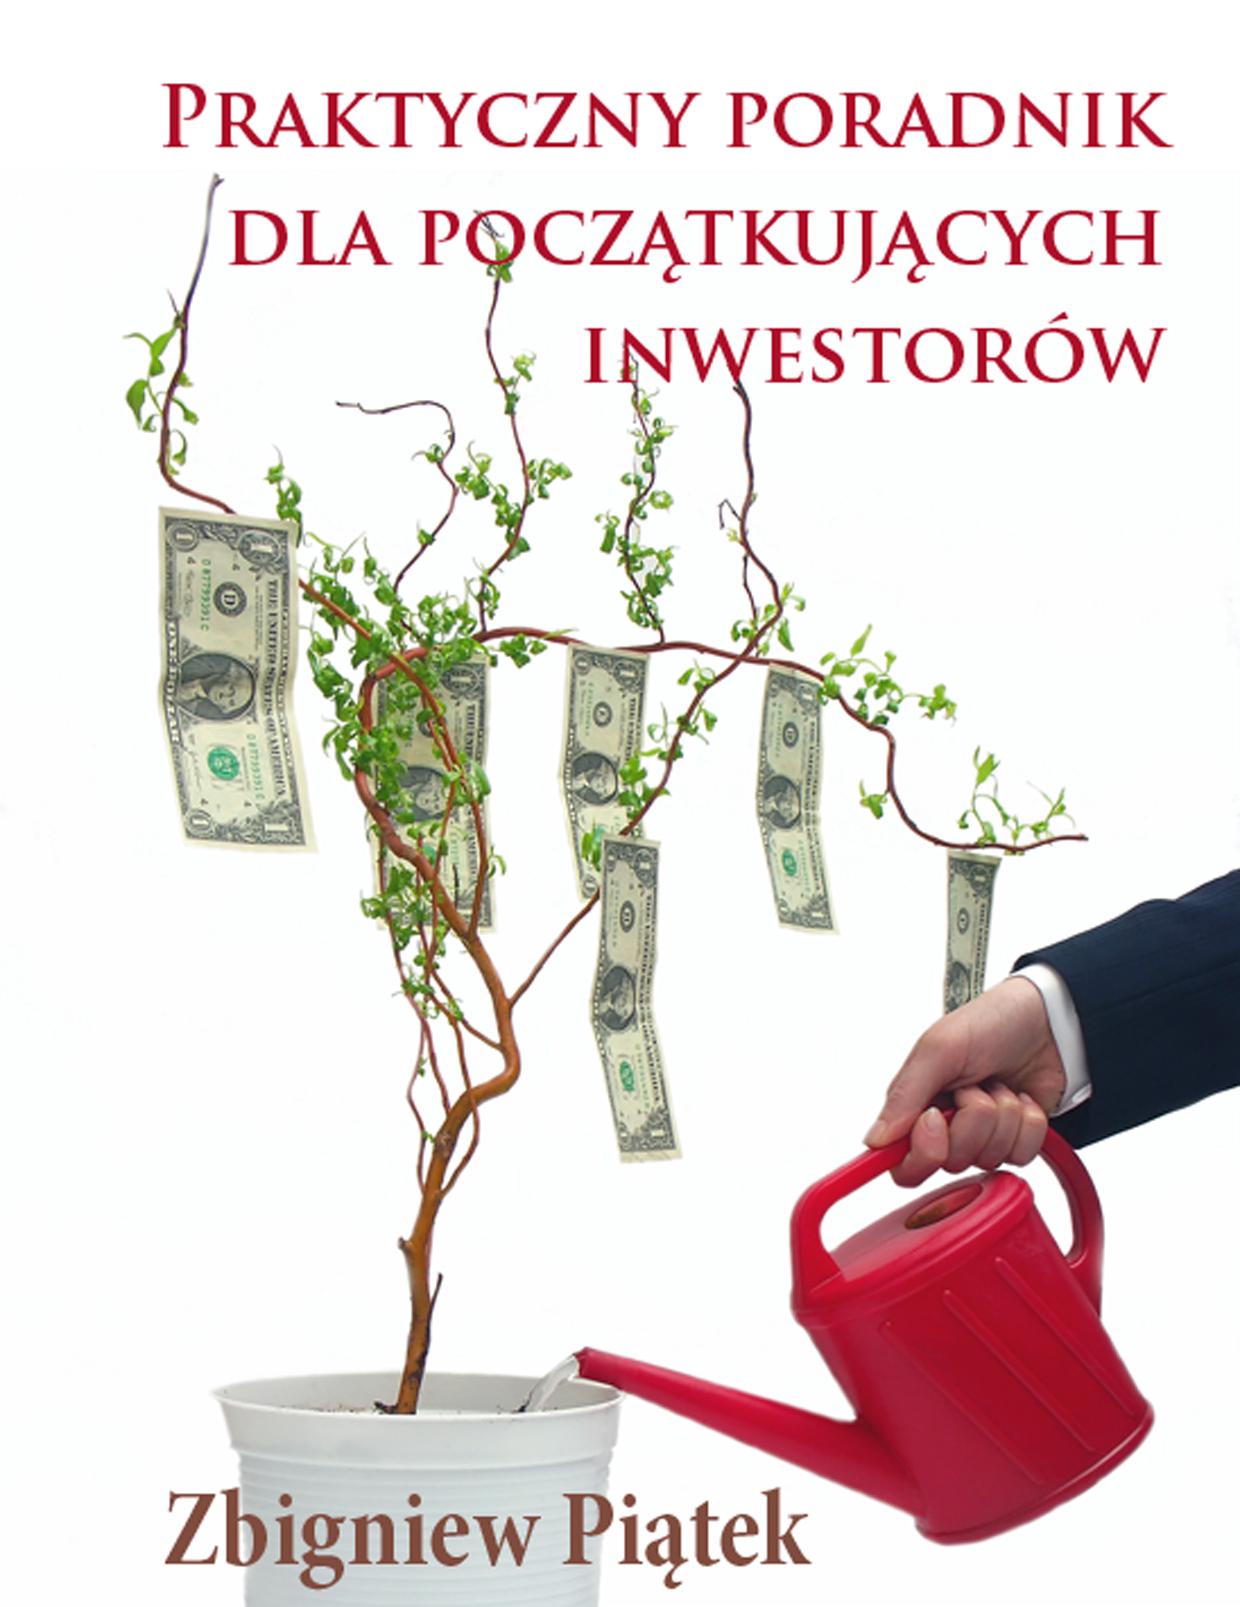 Zbigniew Piątek: Praktyczny poradnik dla początkujących inwestorów - okładka